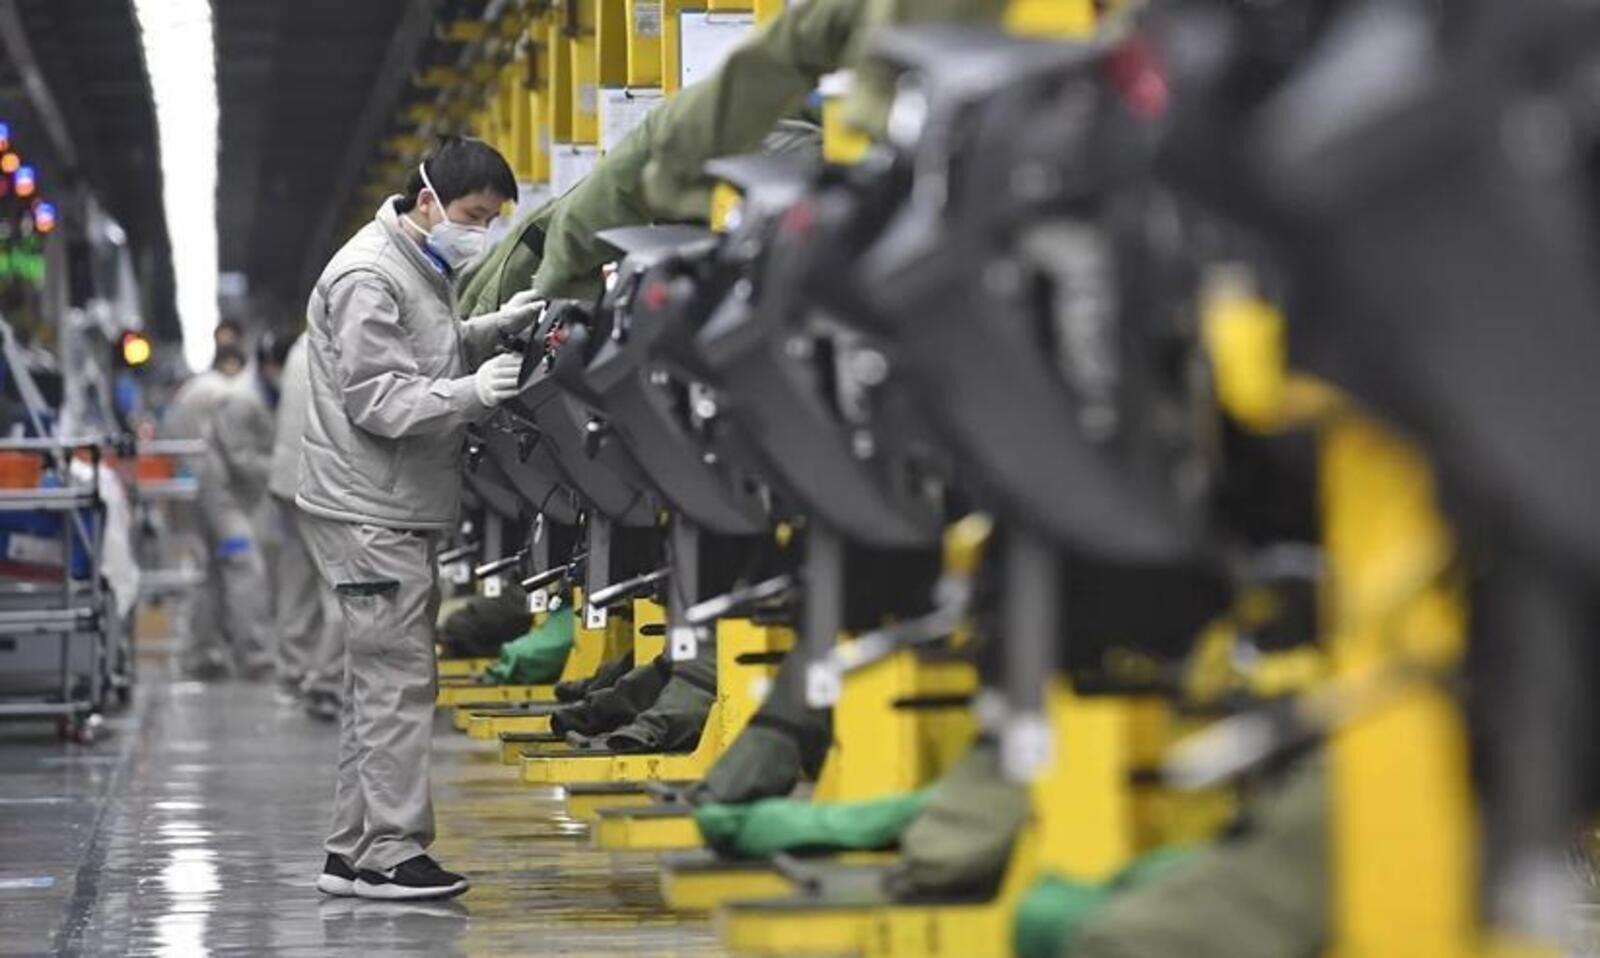 കോവിഡിലും തളരാതെ ചൈന; 2020ൽ പോസിറ്റീവ് വളർച്ച നേടിയ പ്രധാന സമ്പദ് വ്യവസ്  ഥകളിലൊന്ന് | China only major economy with positive GDP growth in 2020 |  Madhyamam